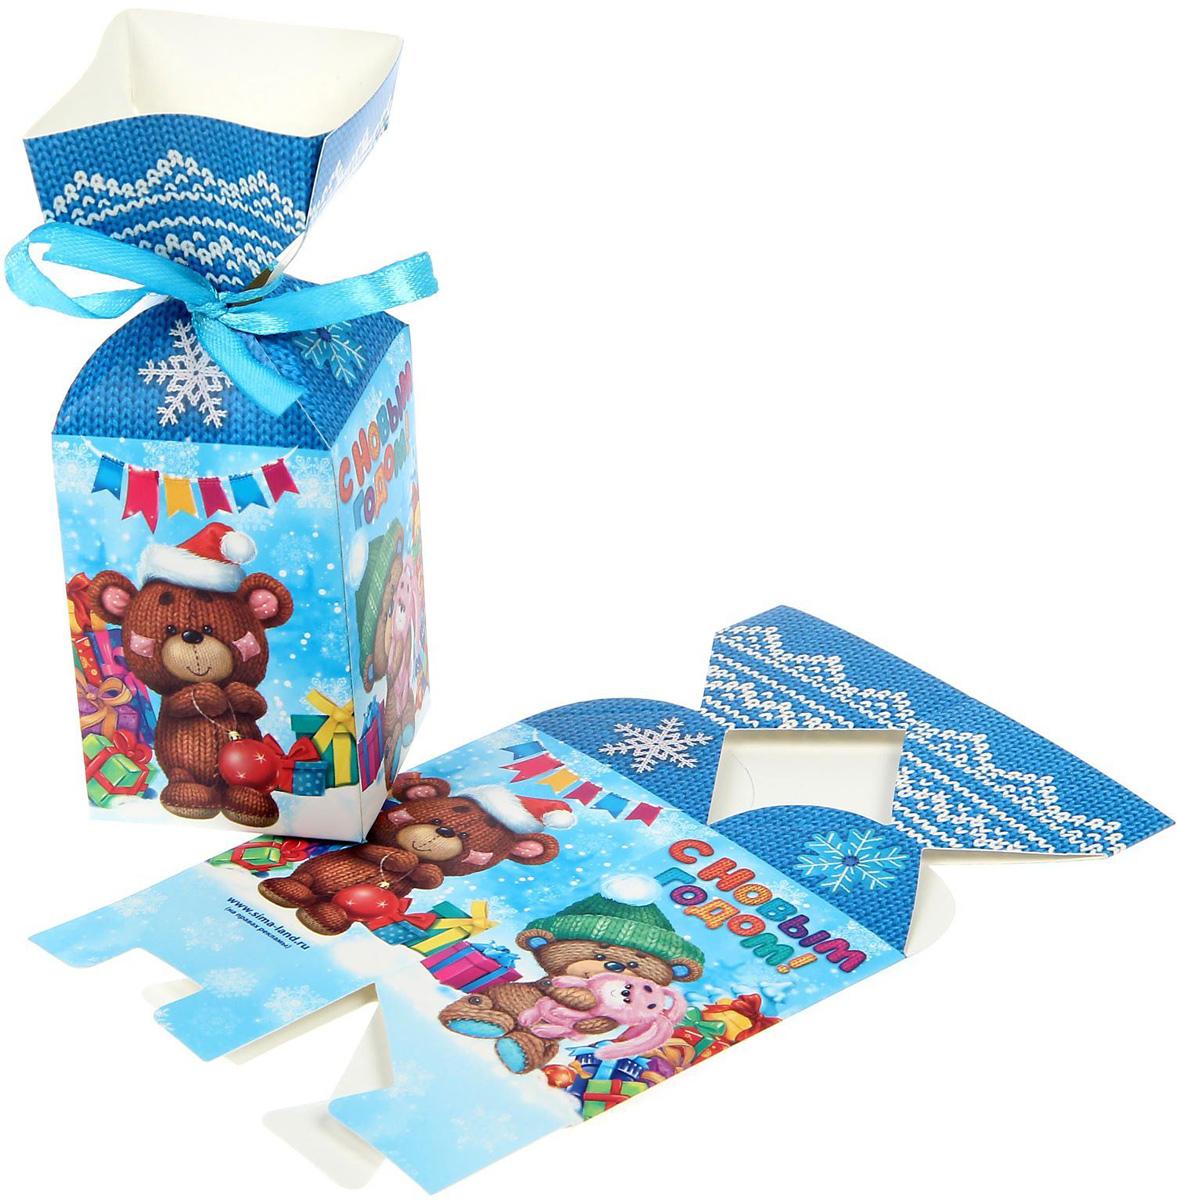 Коробка сборная фигурная Sima-land Новогодние подарки, 8,5 х 4,5 х 4,5 см1371662Любой подарок начинается с упаковки. Что может быть трогательнее и волшебнее, чем ритуал разворачивания полученного презента. И именно оригинальная, со вкусом выбранная упаковка выделит ваш подарок из массы других. Подарочная коробка Sima-land продемонстрирует самые теплые чувства к виновнику торжества и создаст сказочную атмосферу праздника.